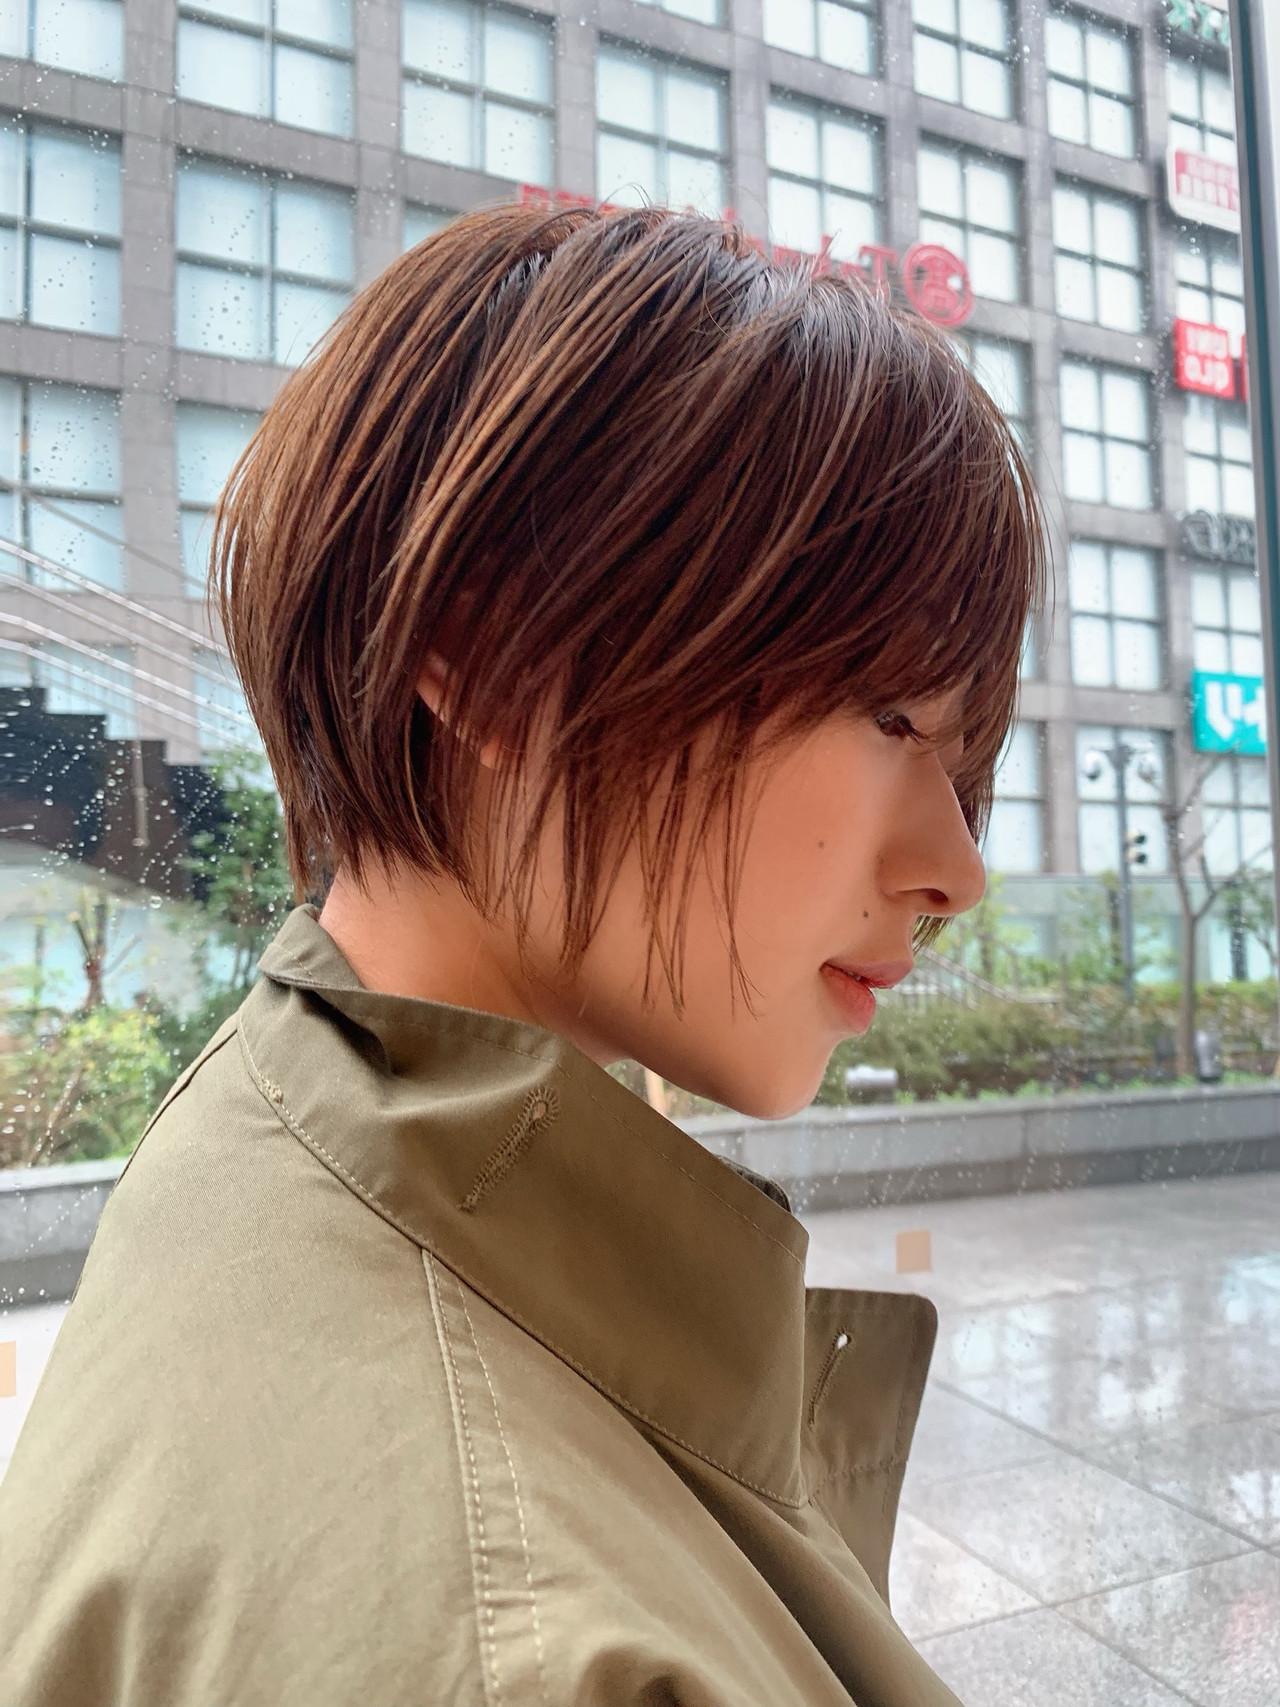 阿藤俊也 ナチュラル ボブ ショートボブ ヘアスタイルや髪型の写真・画像